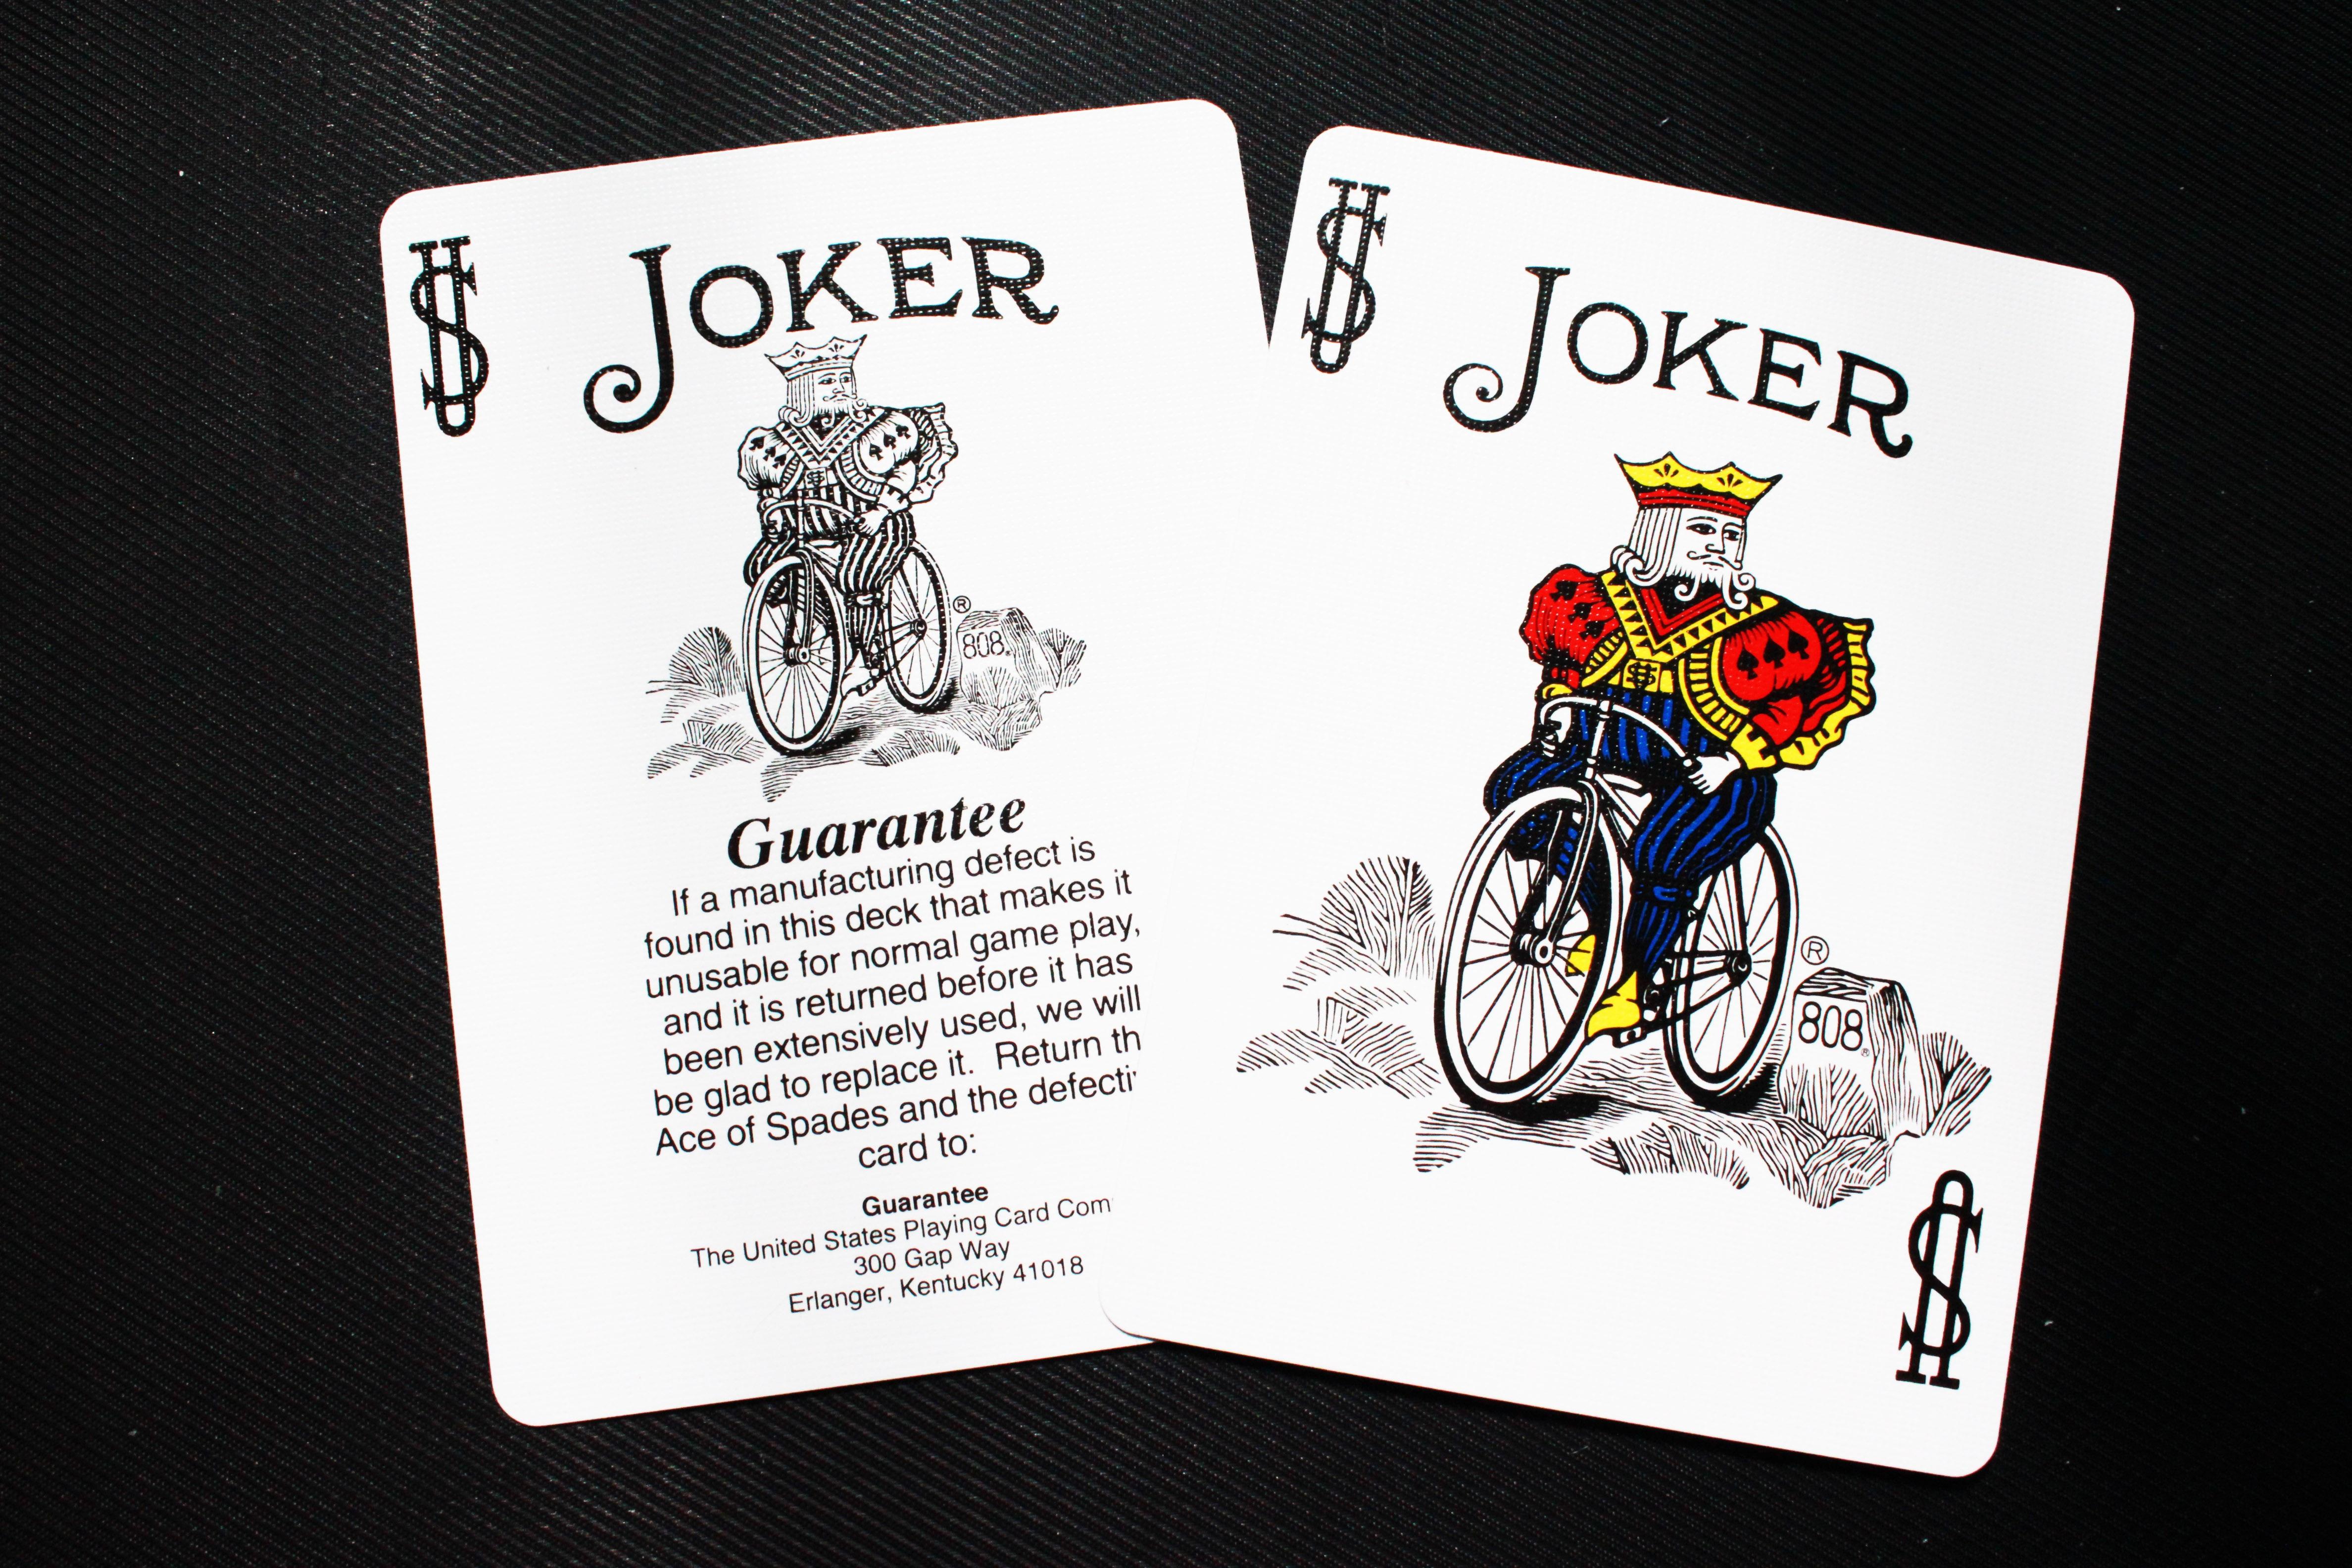 cubierta bicicleta publicidad tarjeta marca fuente ilustracin magia bromista dibujos animados diseo grfico carta de juego